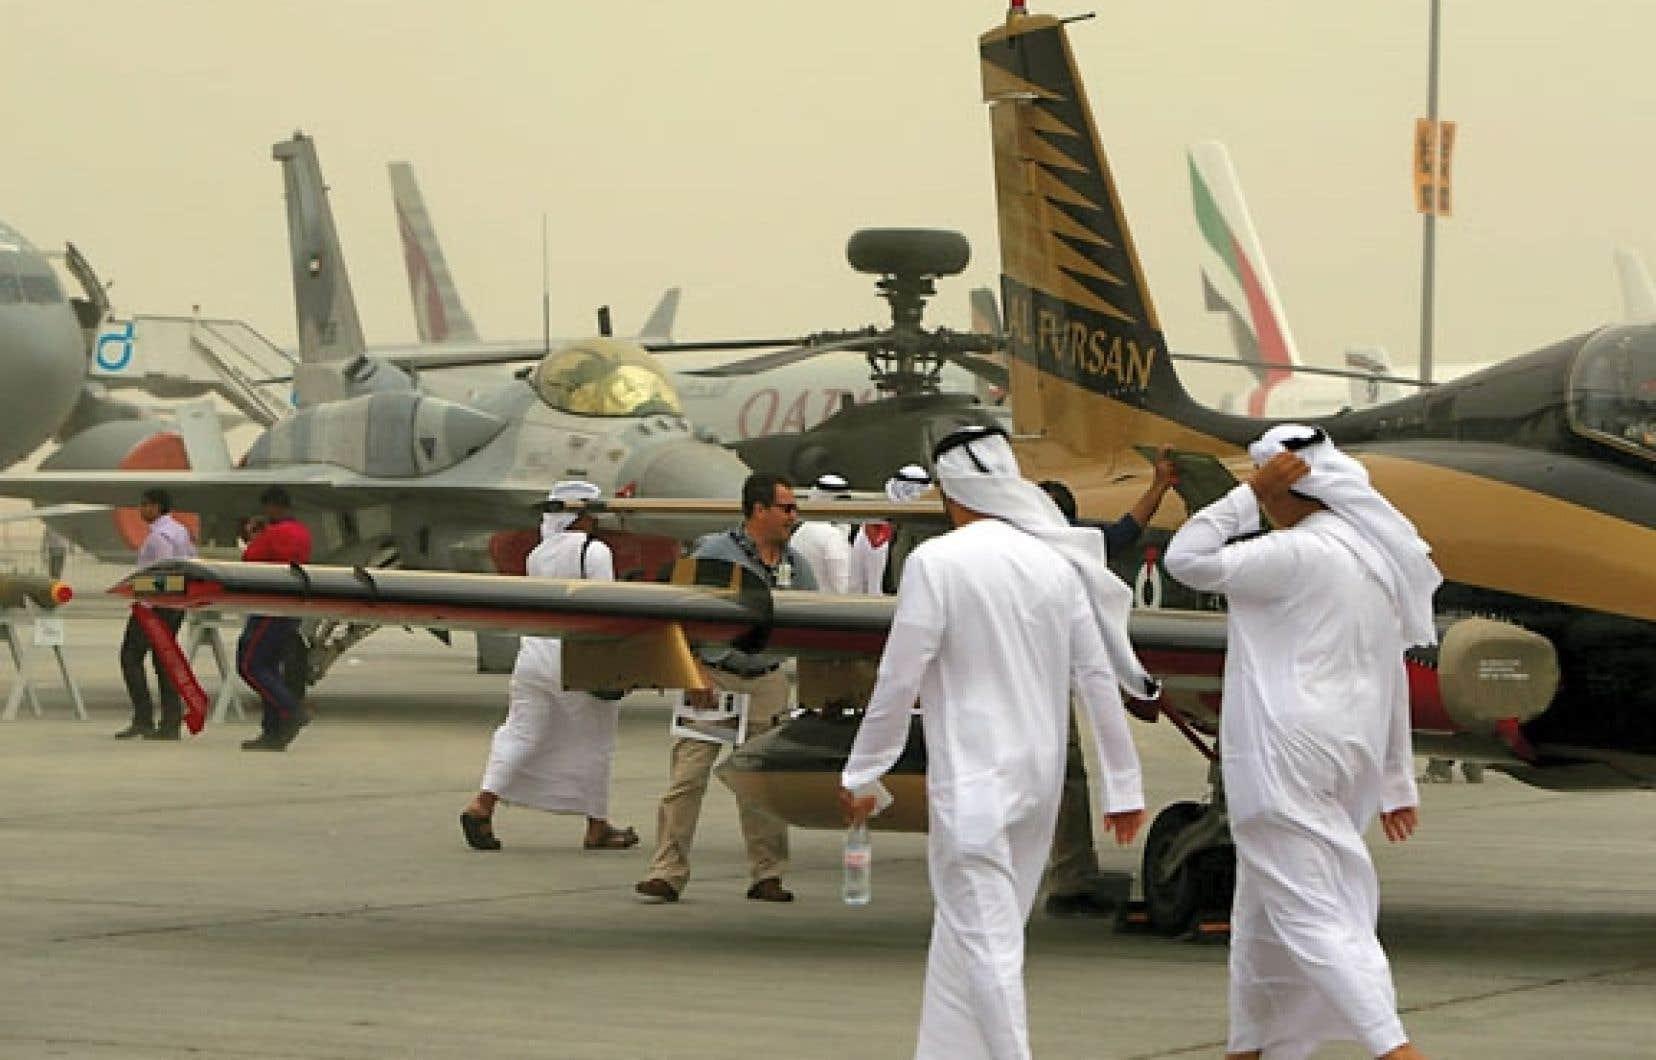 Au cours des 20 prochaines années, le trafic aérien au Moyen-Orient devrait croître de 7,1% en moyenne, contre 4,7% à l'échelle planétaire.